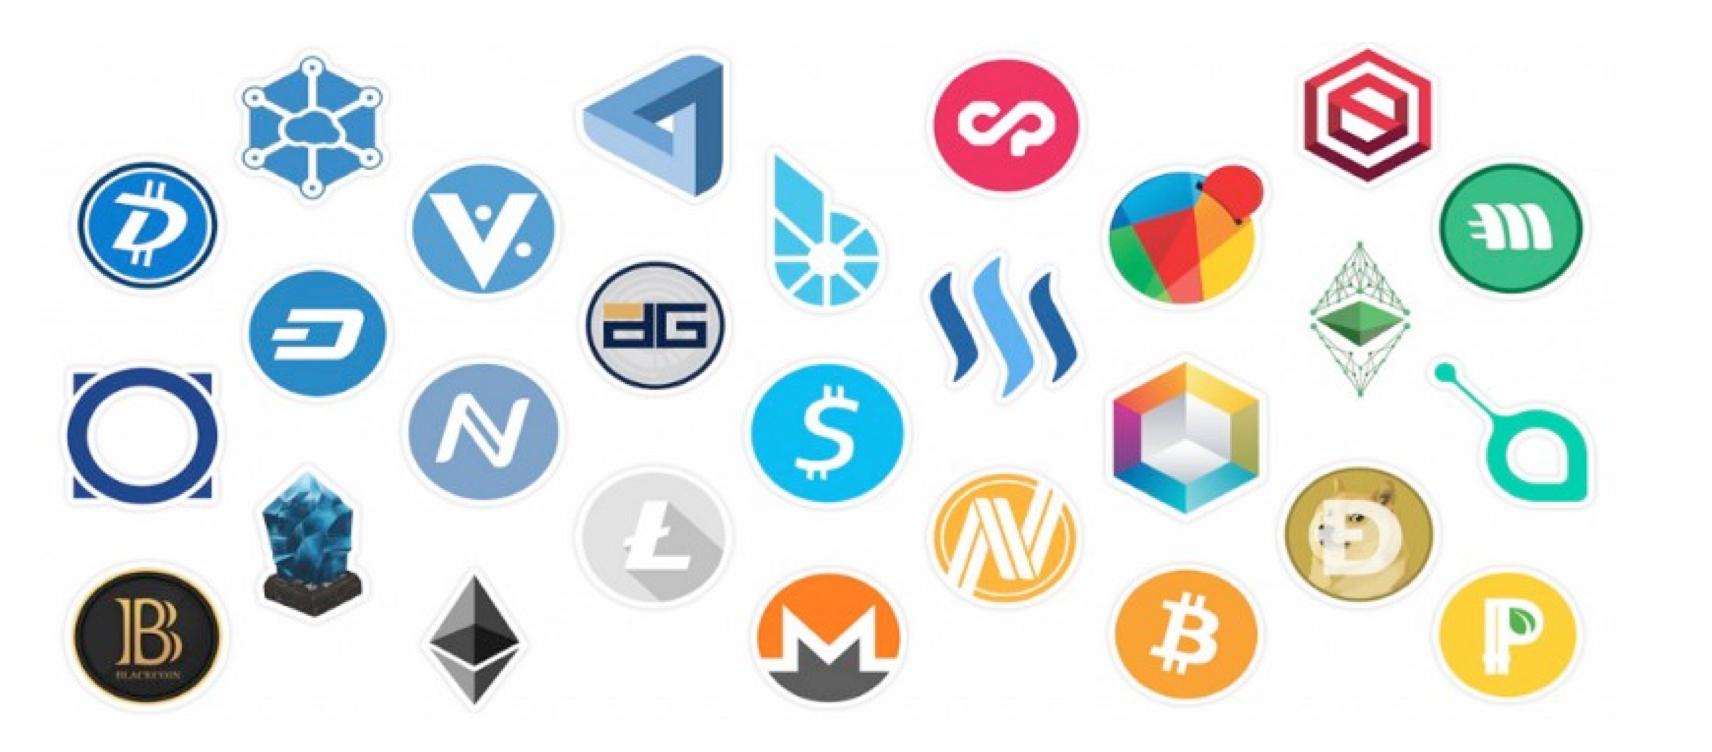 Чем отличается Bitcoin от других криптовалют - 2